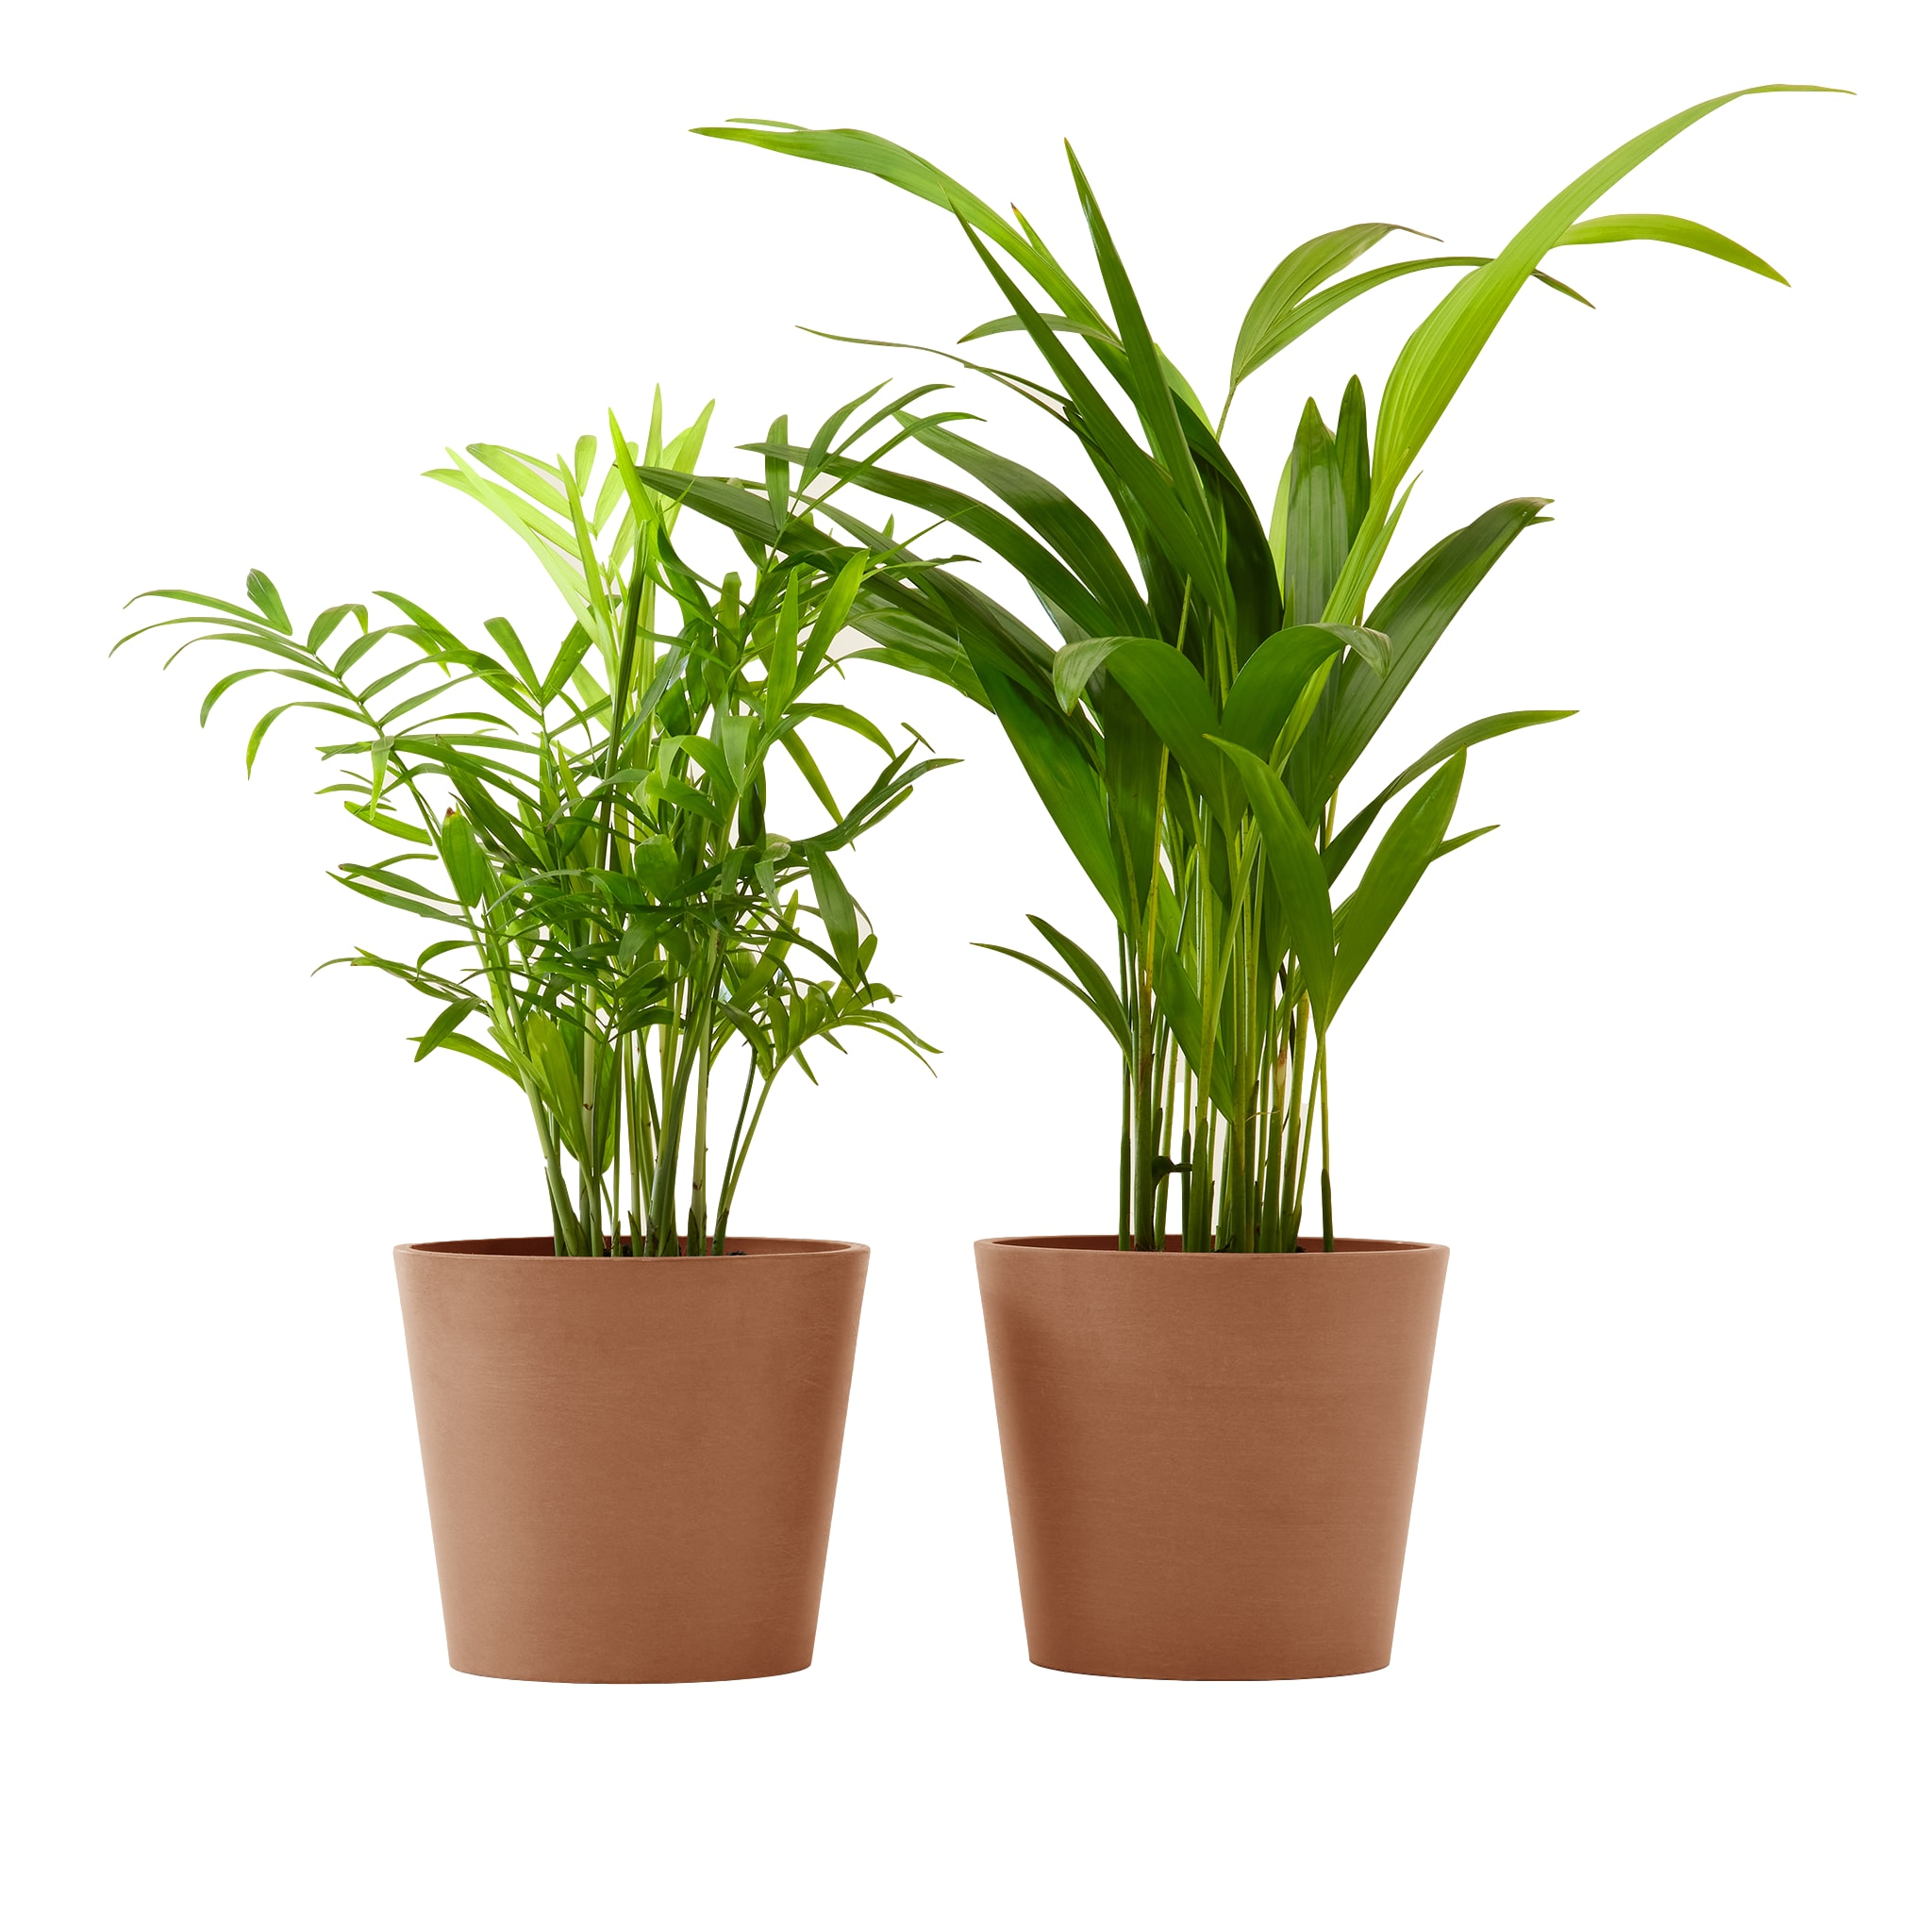 Plante x2 - Palmier areca et chamedora 40 cm pot terra